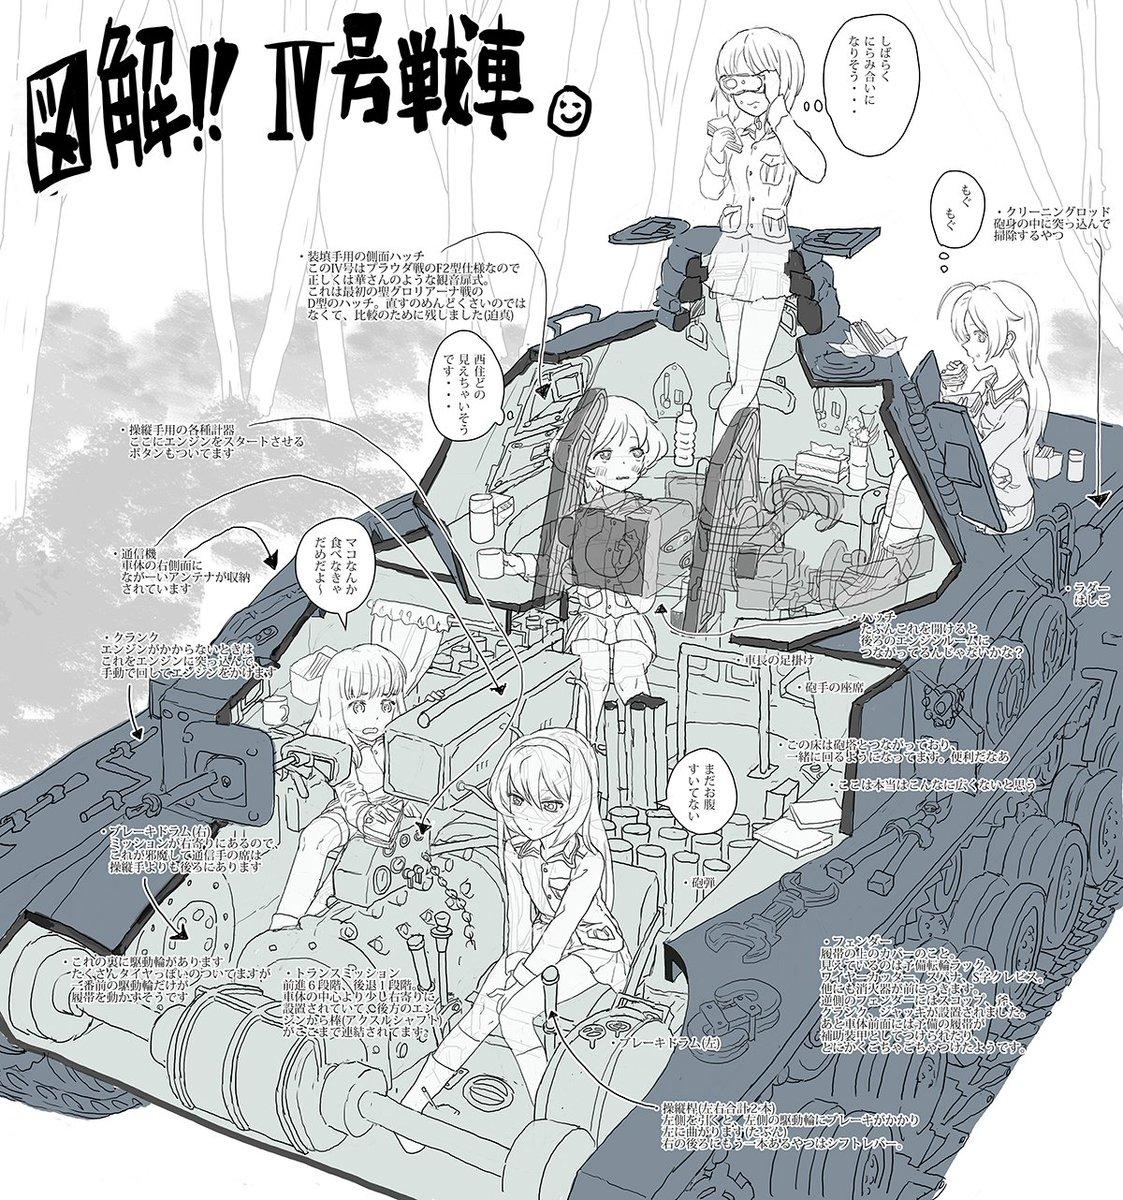 IV号戦車と、こう着状態でサンドイッチ食べながら敵の出方をうかがうあんこうさんチームを描きました。 #ガルパン https://t.co/m80pqd0AMh